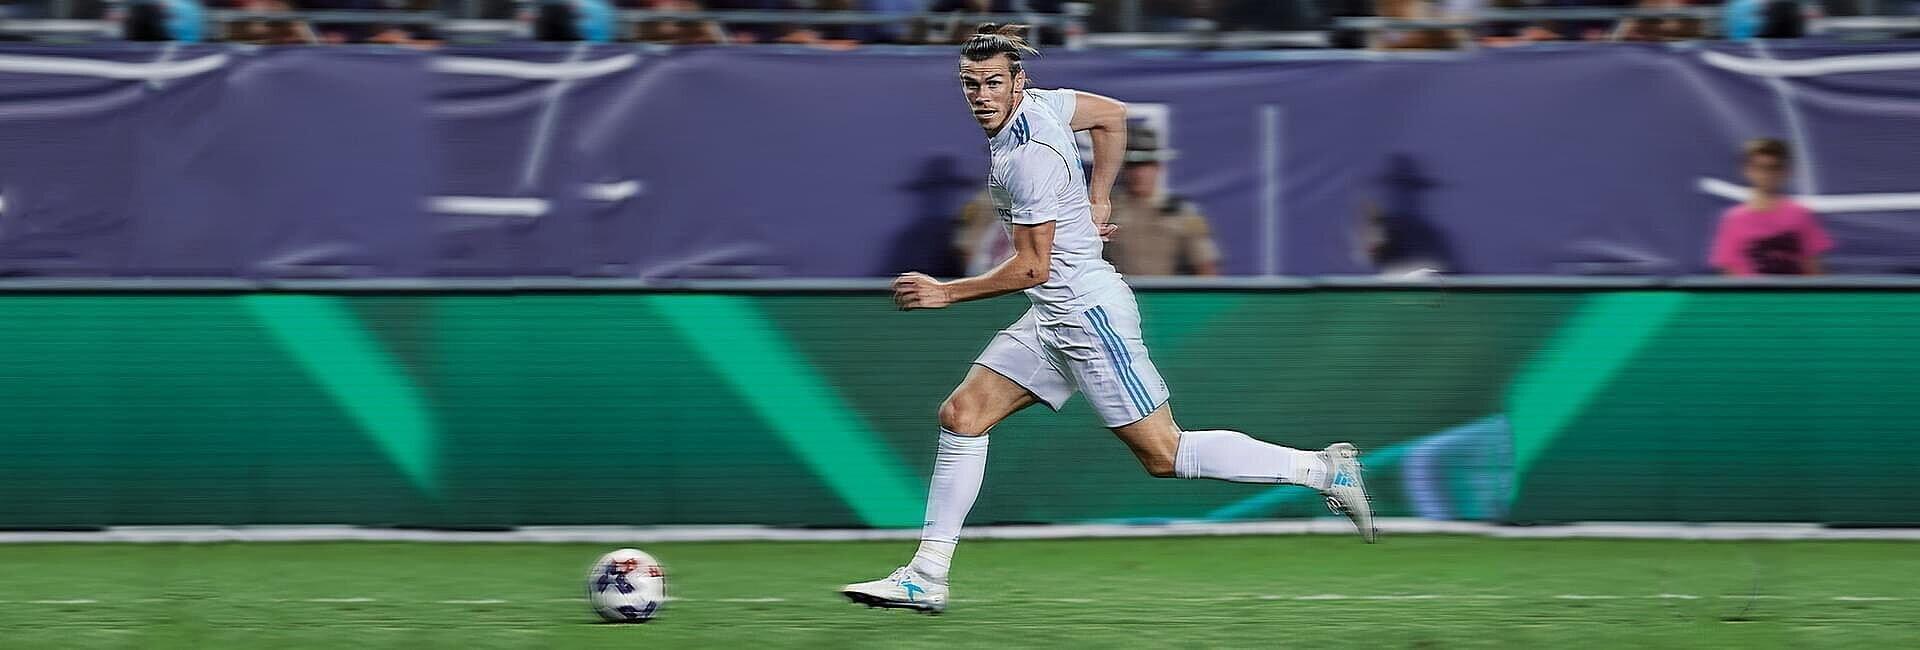 Schnellste Fußballer Der Welt